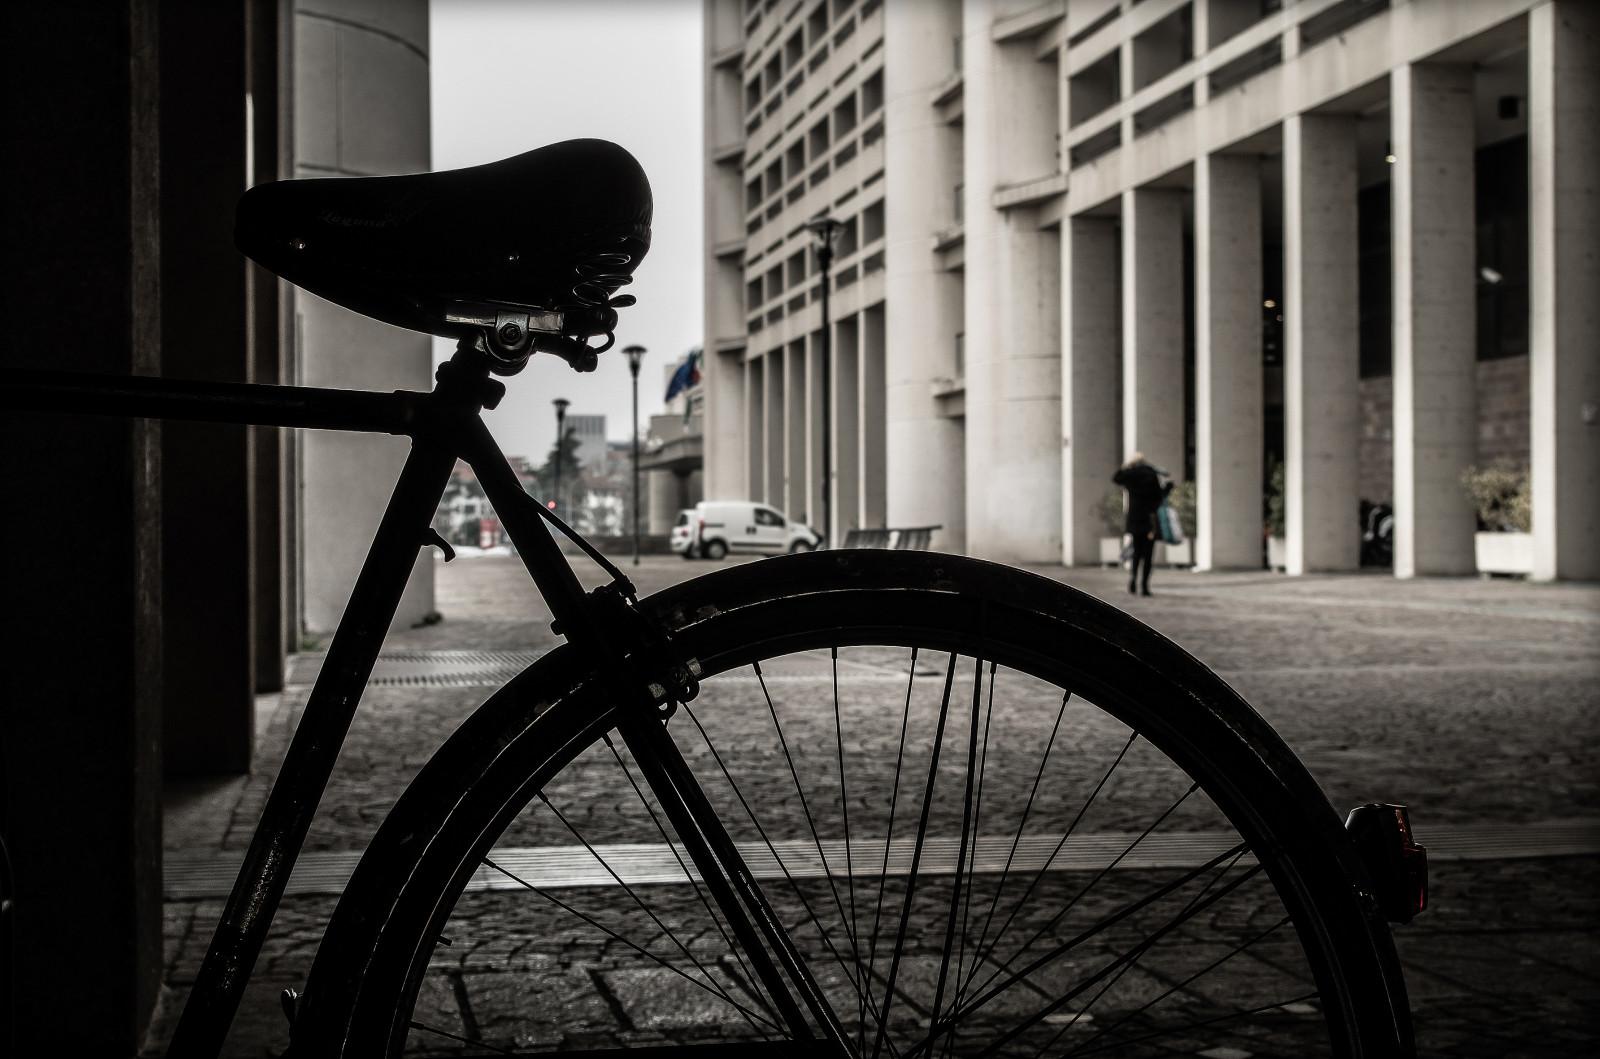 Hintergrundbilder : einfarbig, dunkel, Straße, die Architektur ...